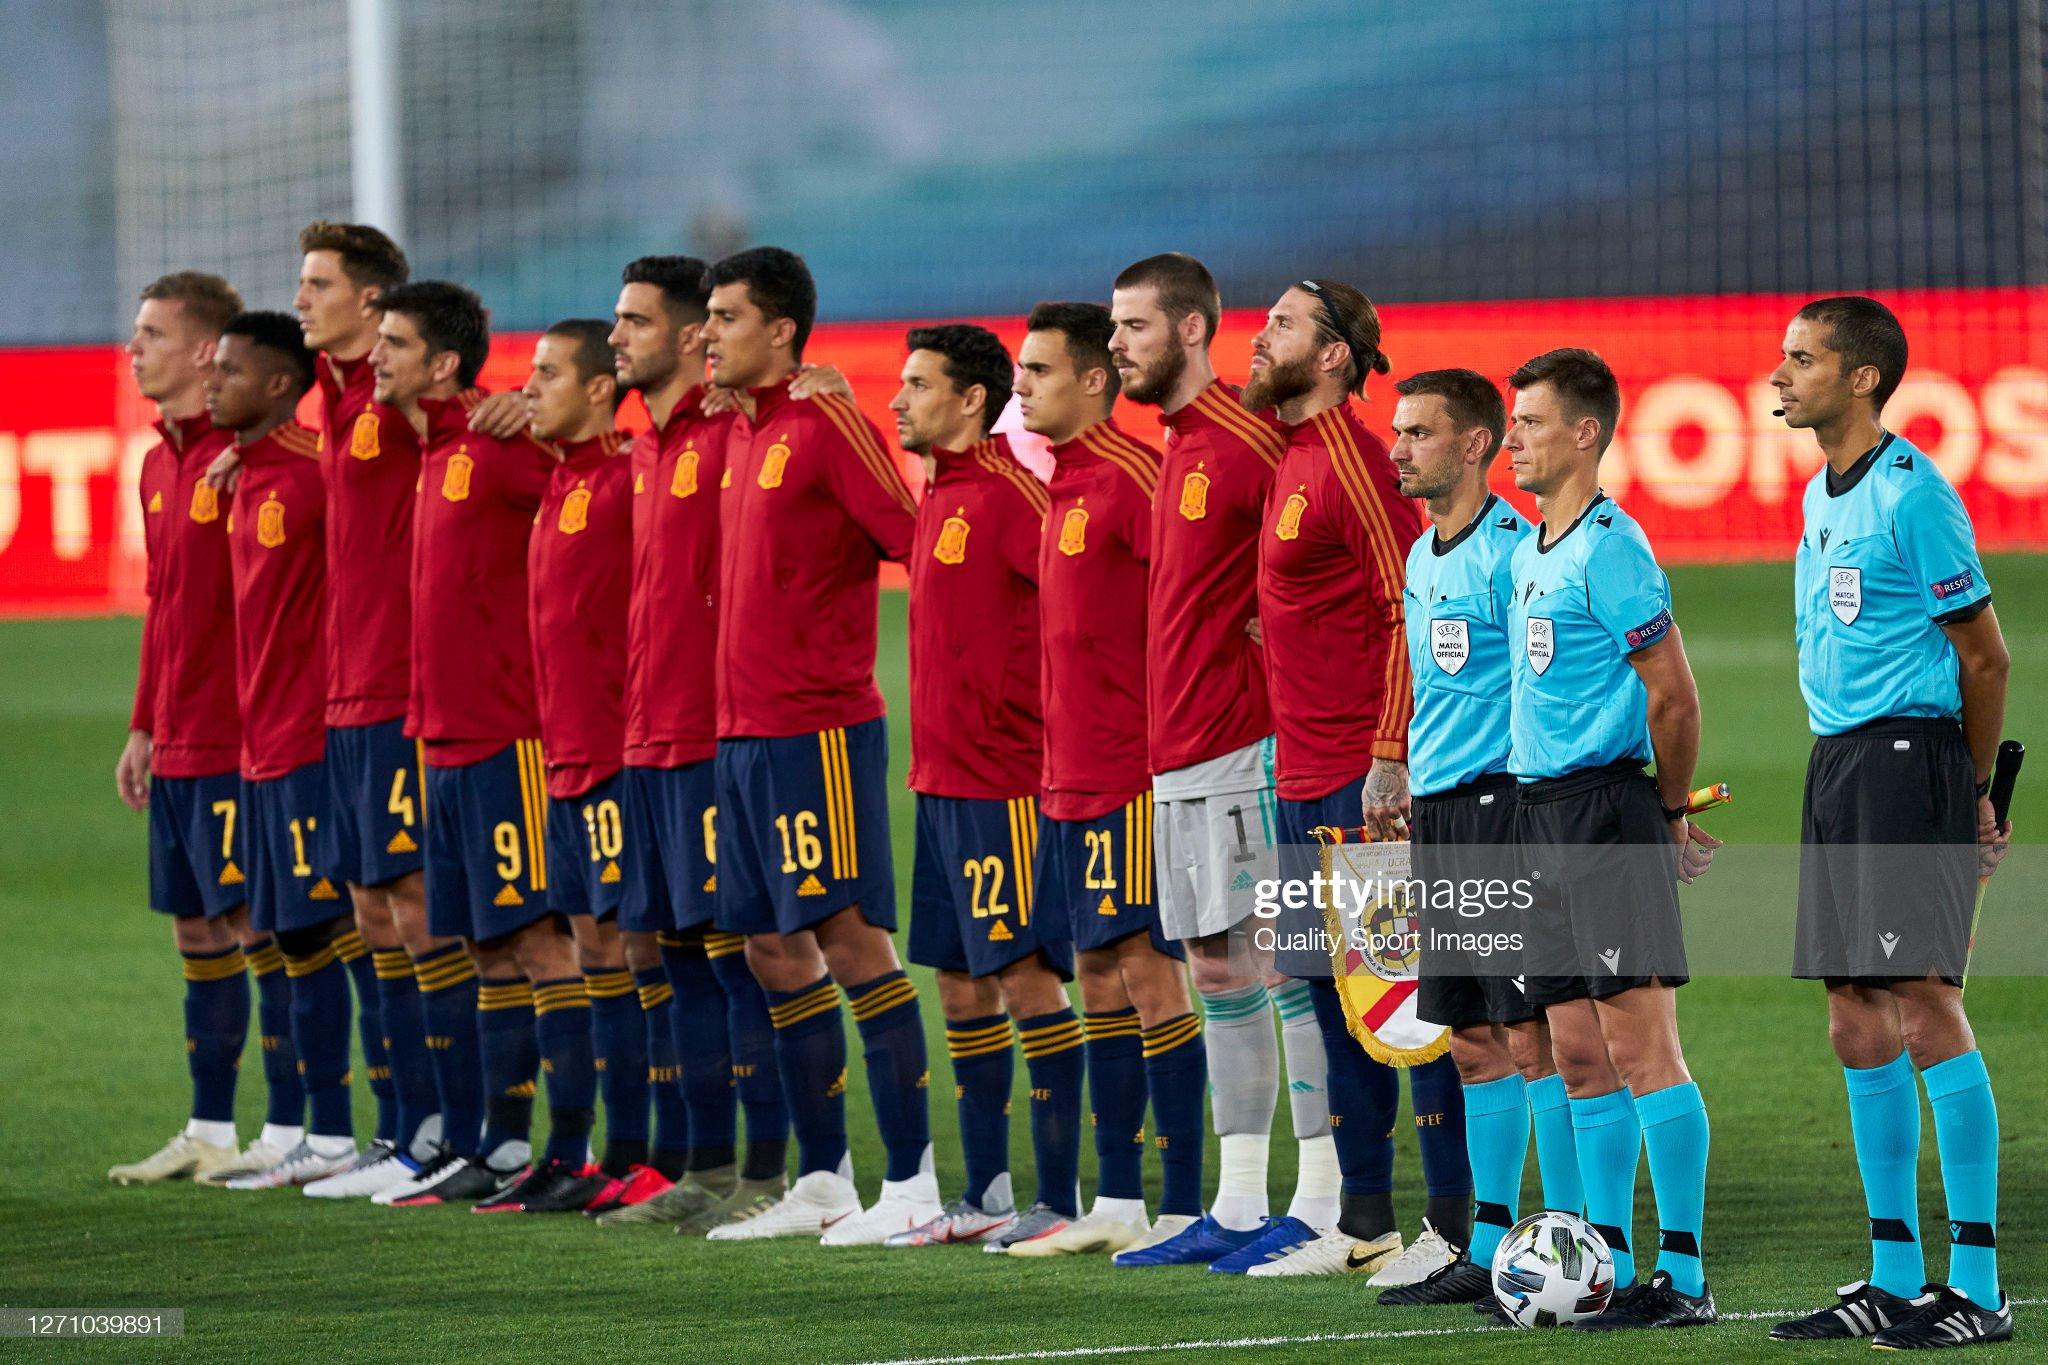 Hilo de la selección de España (selección española) - Página 2 The-team-line-up-for-a-photo-prior-to-kick-off-of-spain-during-the-picture-id1271039891?s=2048x2048